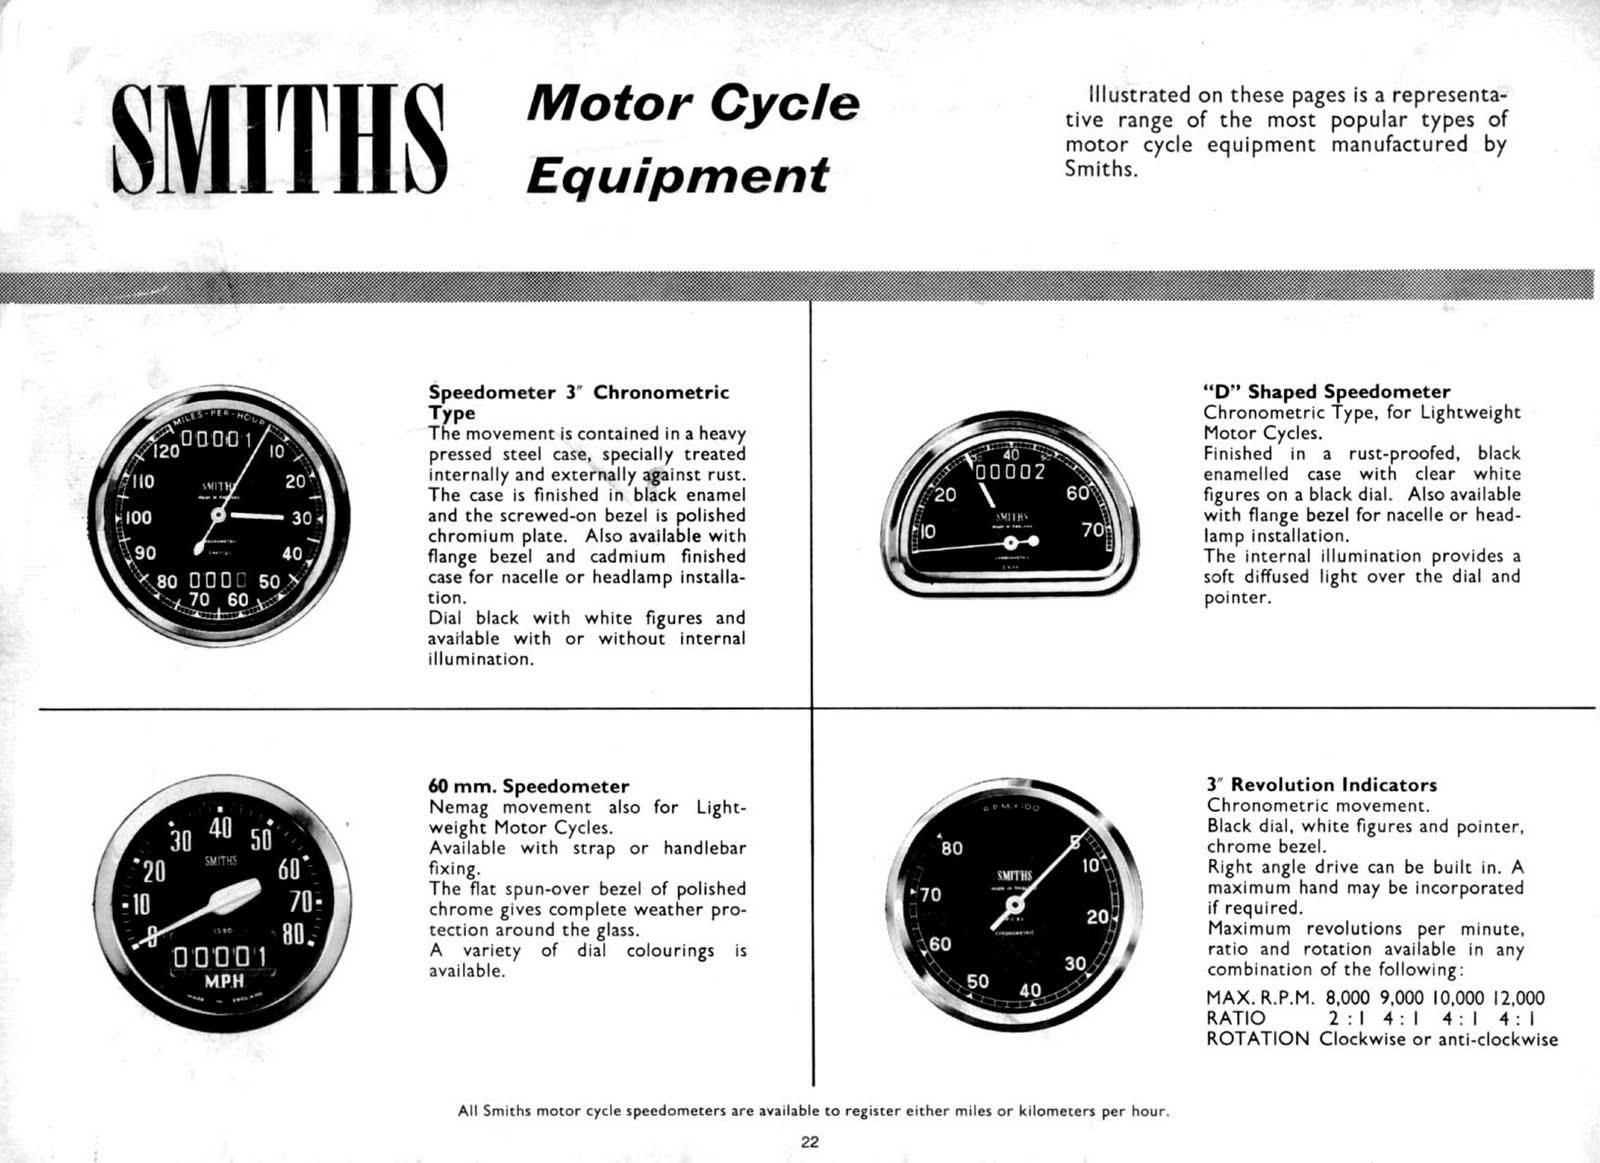 http://1.bp.blogspot.com/_206TETOgLd0/TIOueCWrhHI/AAAAAAAAEP4/LnIRnU4Tqg0/s1600/Smiths%2Bequipment%2Bschedule-1954-1958%2B...Instrument%2Bspec.-1.jpg